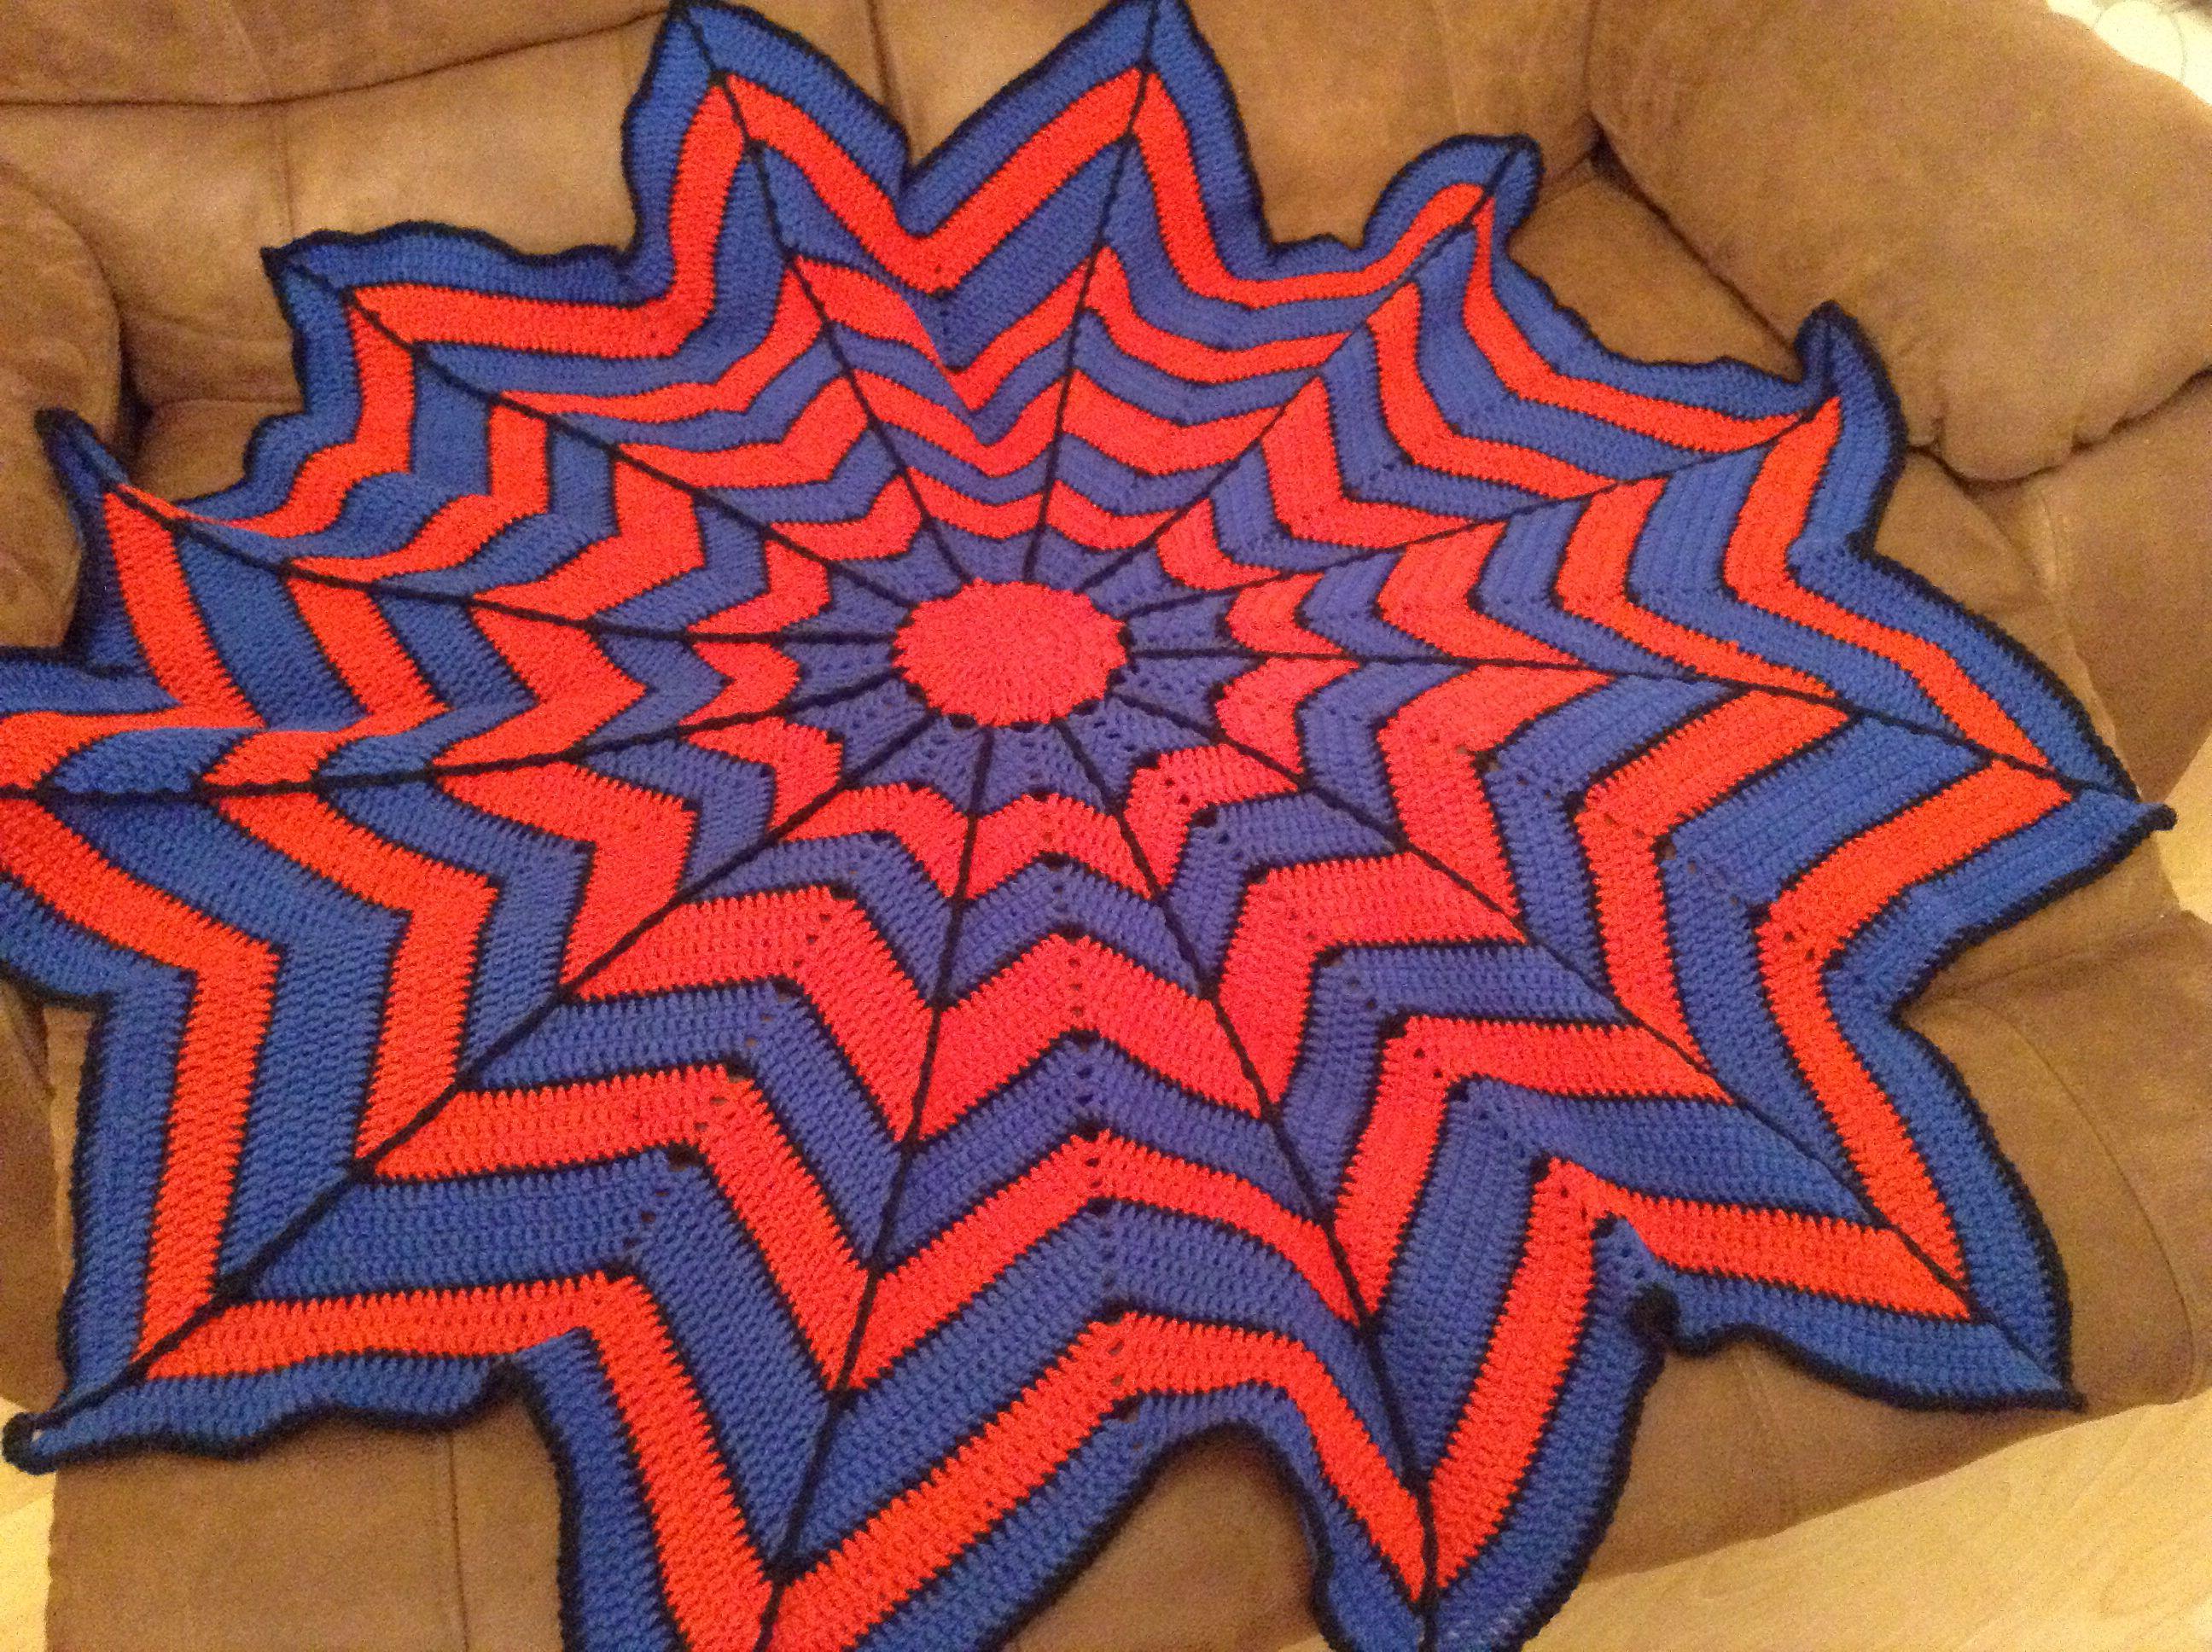 Spider-Man crochet blanket | Crochet | Pinterest | Crochet blankets ...